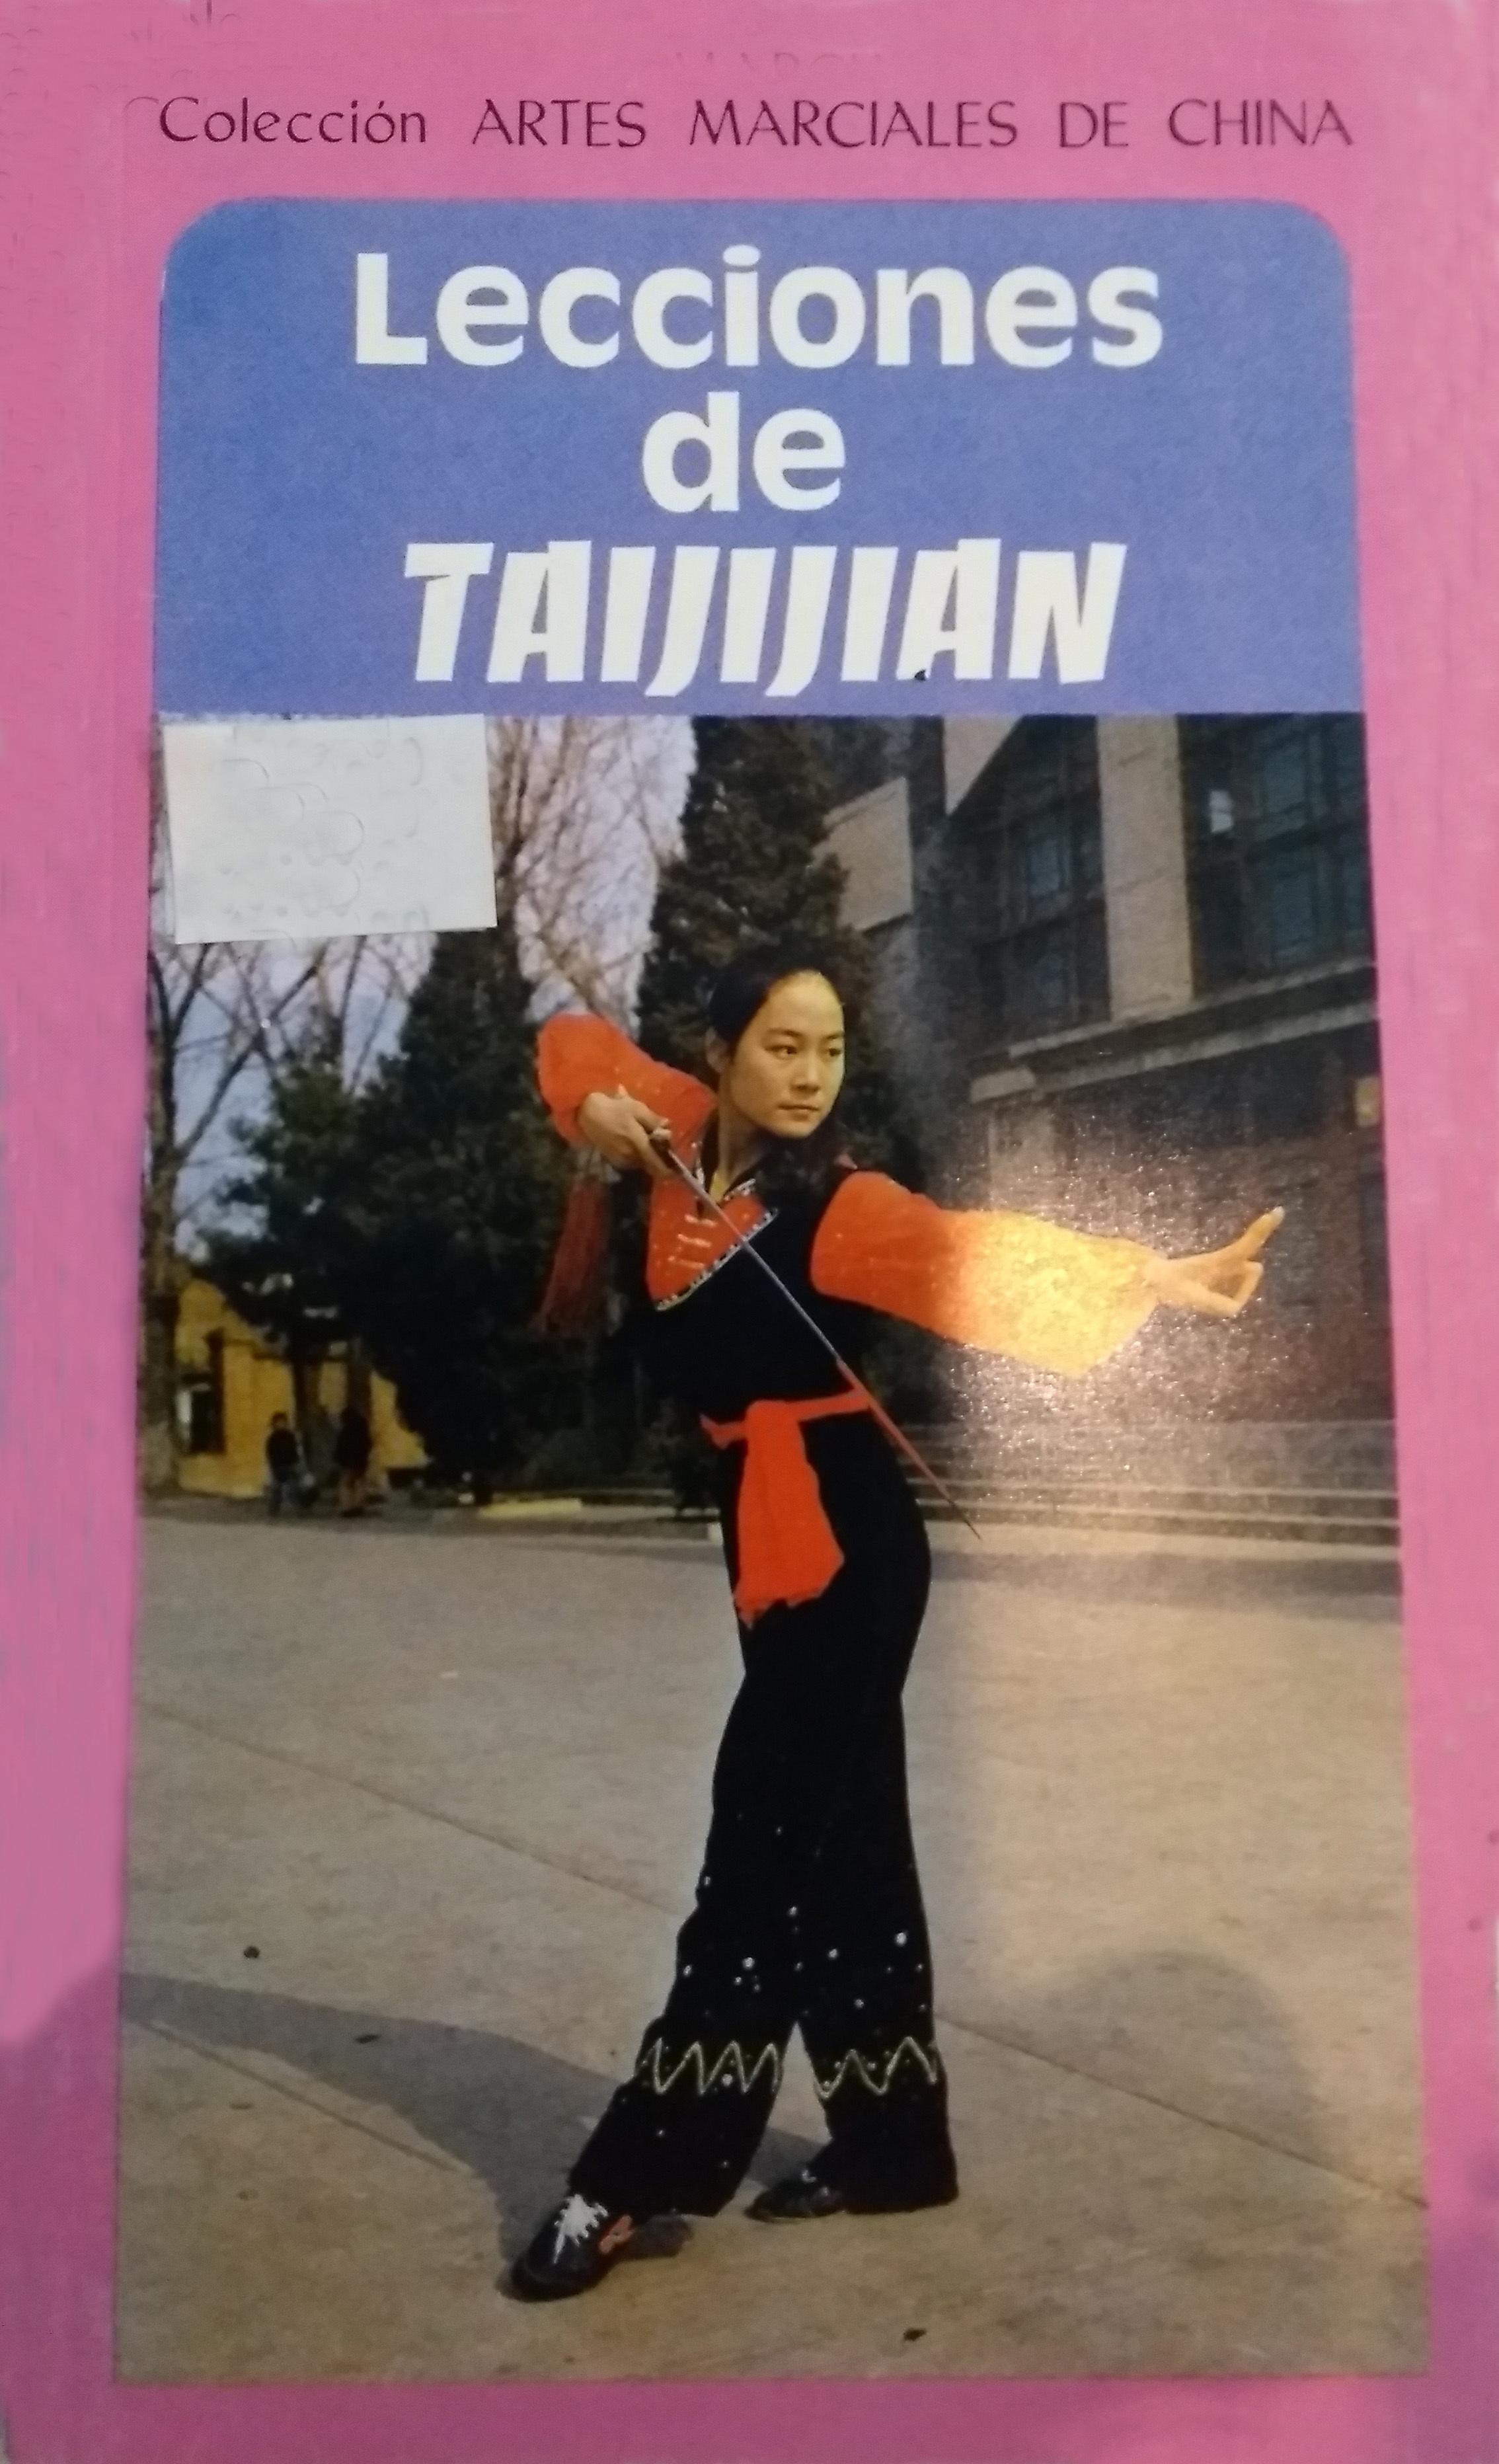 Lecciones de Taijijian 00228